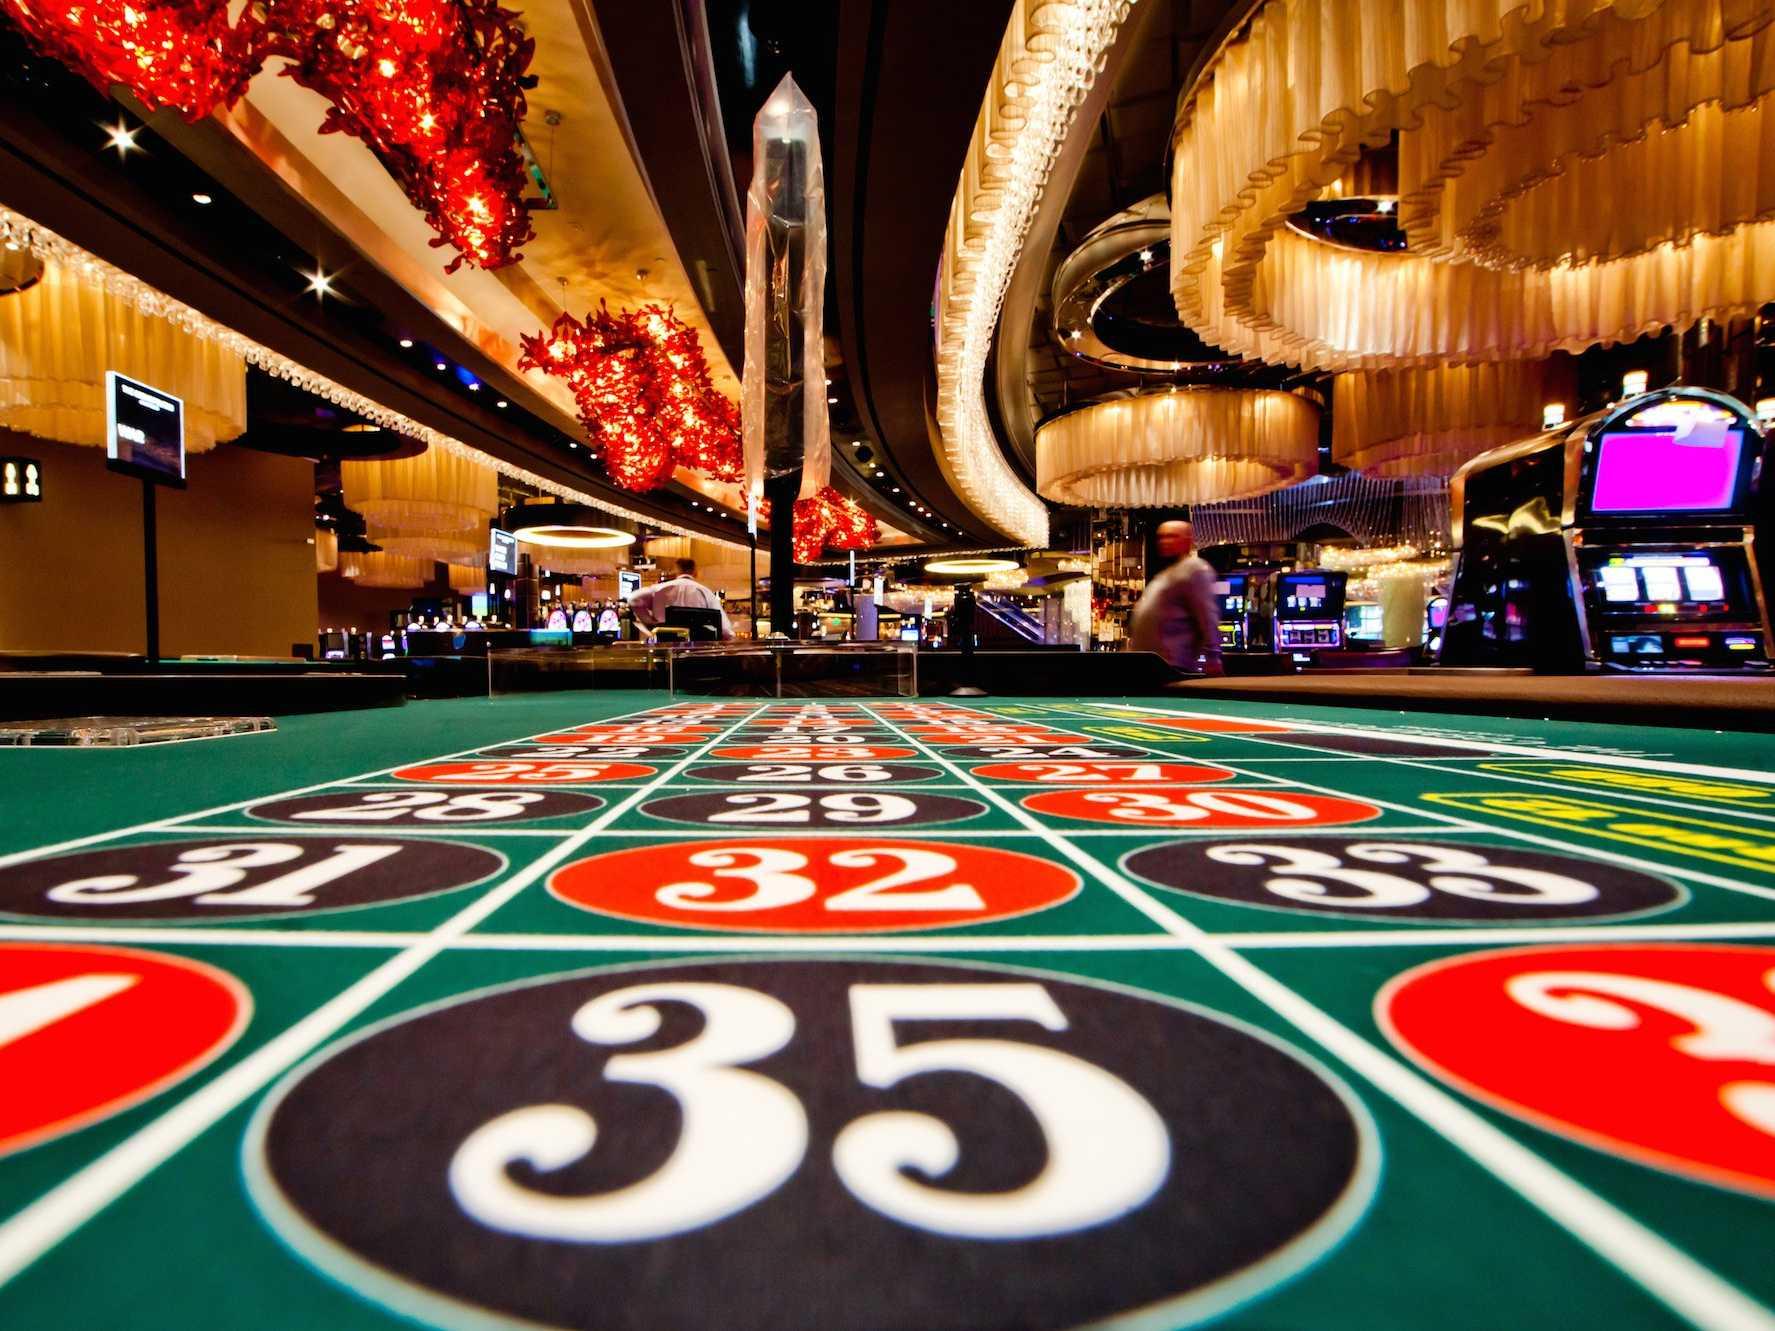 Choisissez les meilleurs développeurs de jeux casino